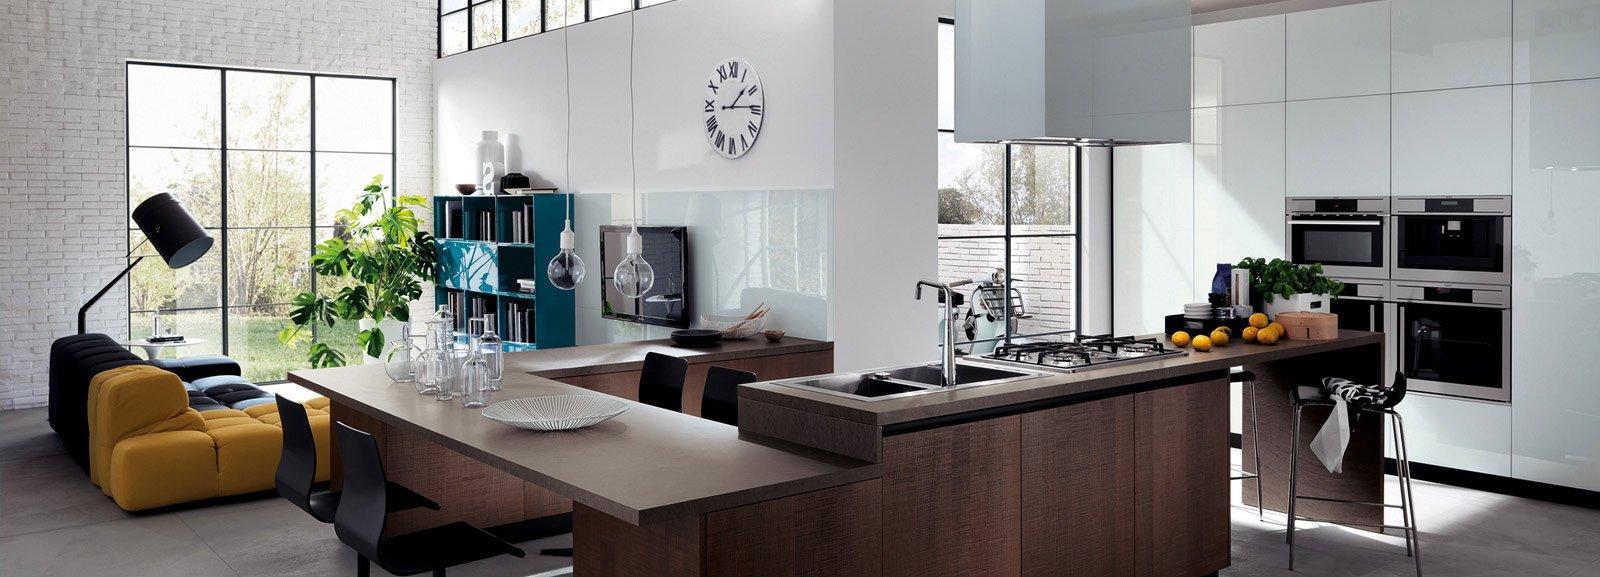 Cucina e soggiorno in un open space cose di casa for Cose di casa progetti